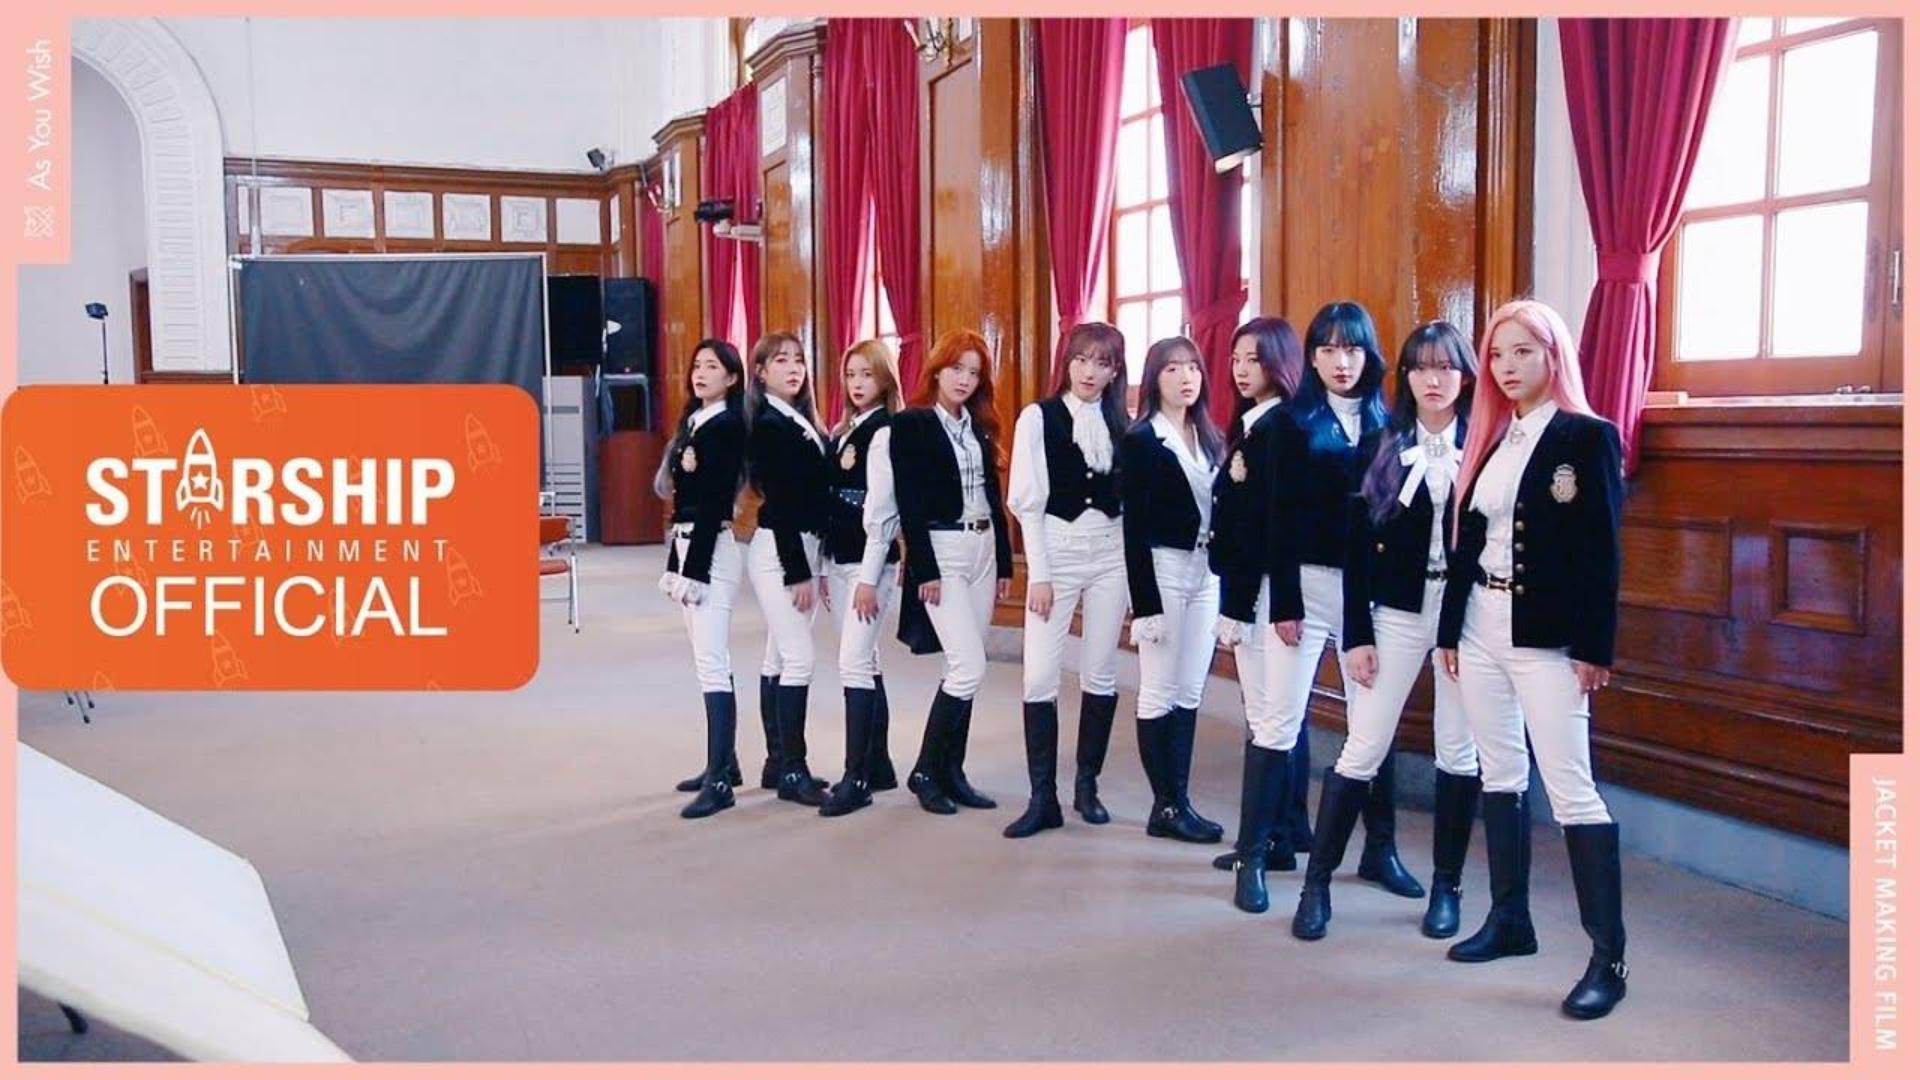 宇宙少女 (WJSN) -  As You Wish    专辑幕后花絮